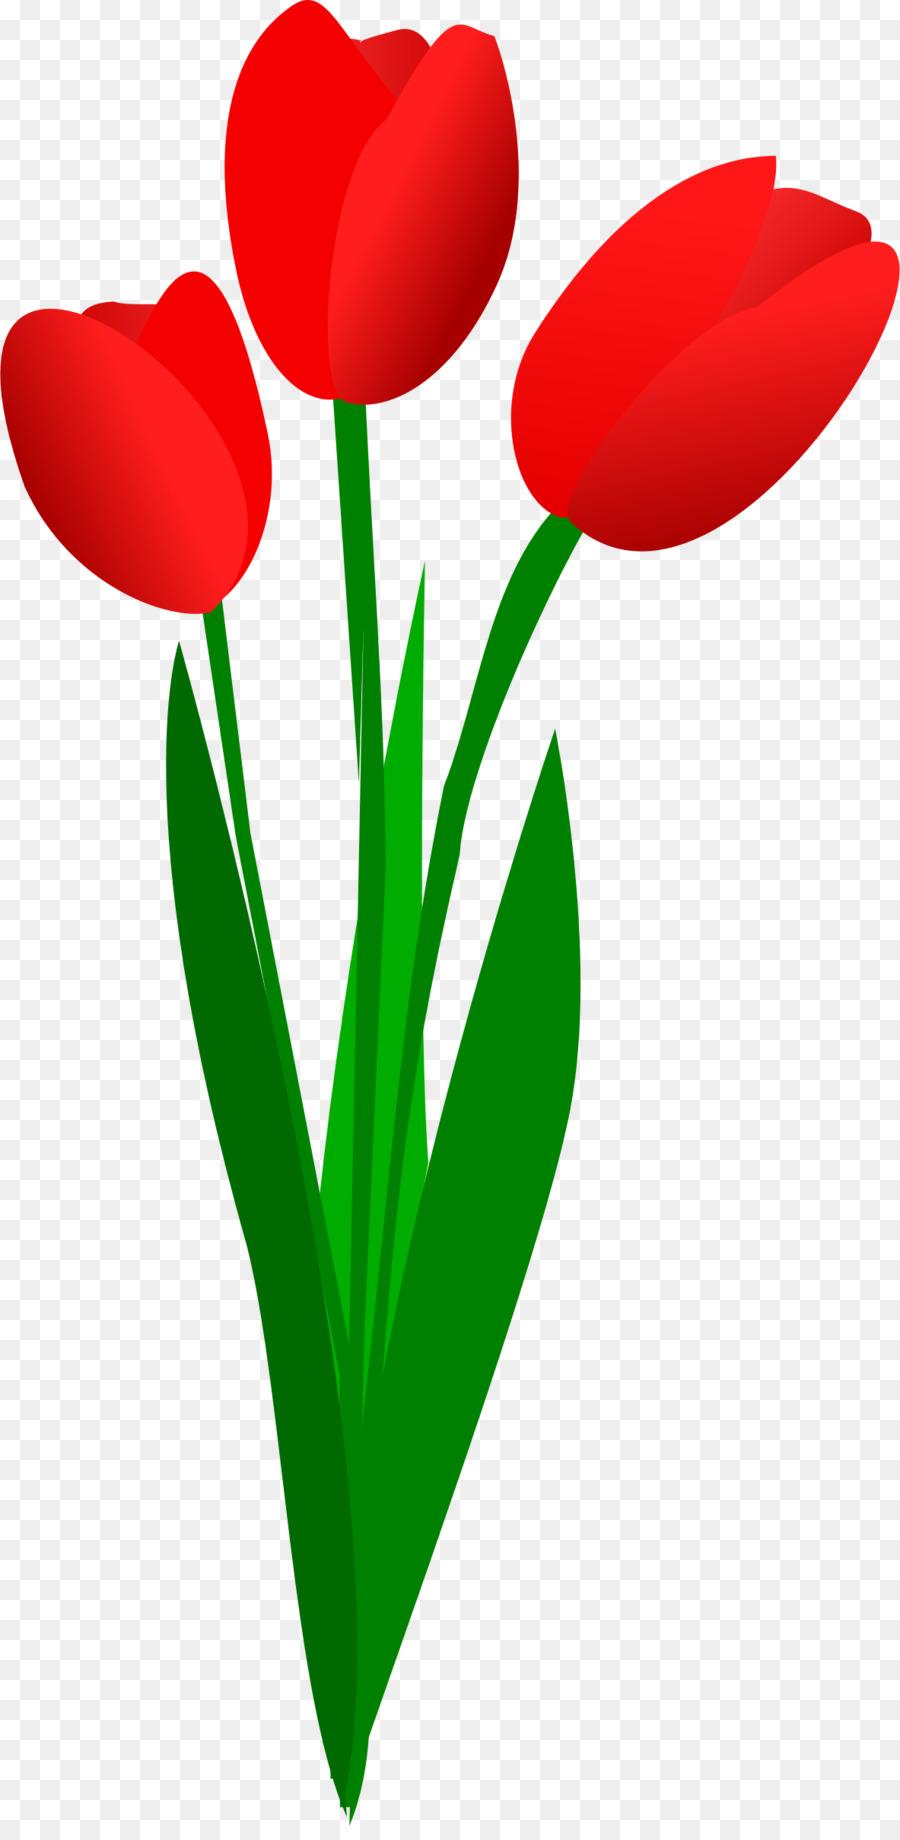 Букет тюльпанов картинки для детей, мая плюс минус